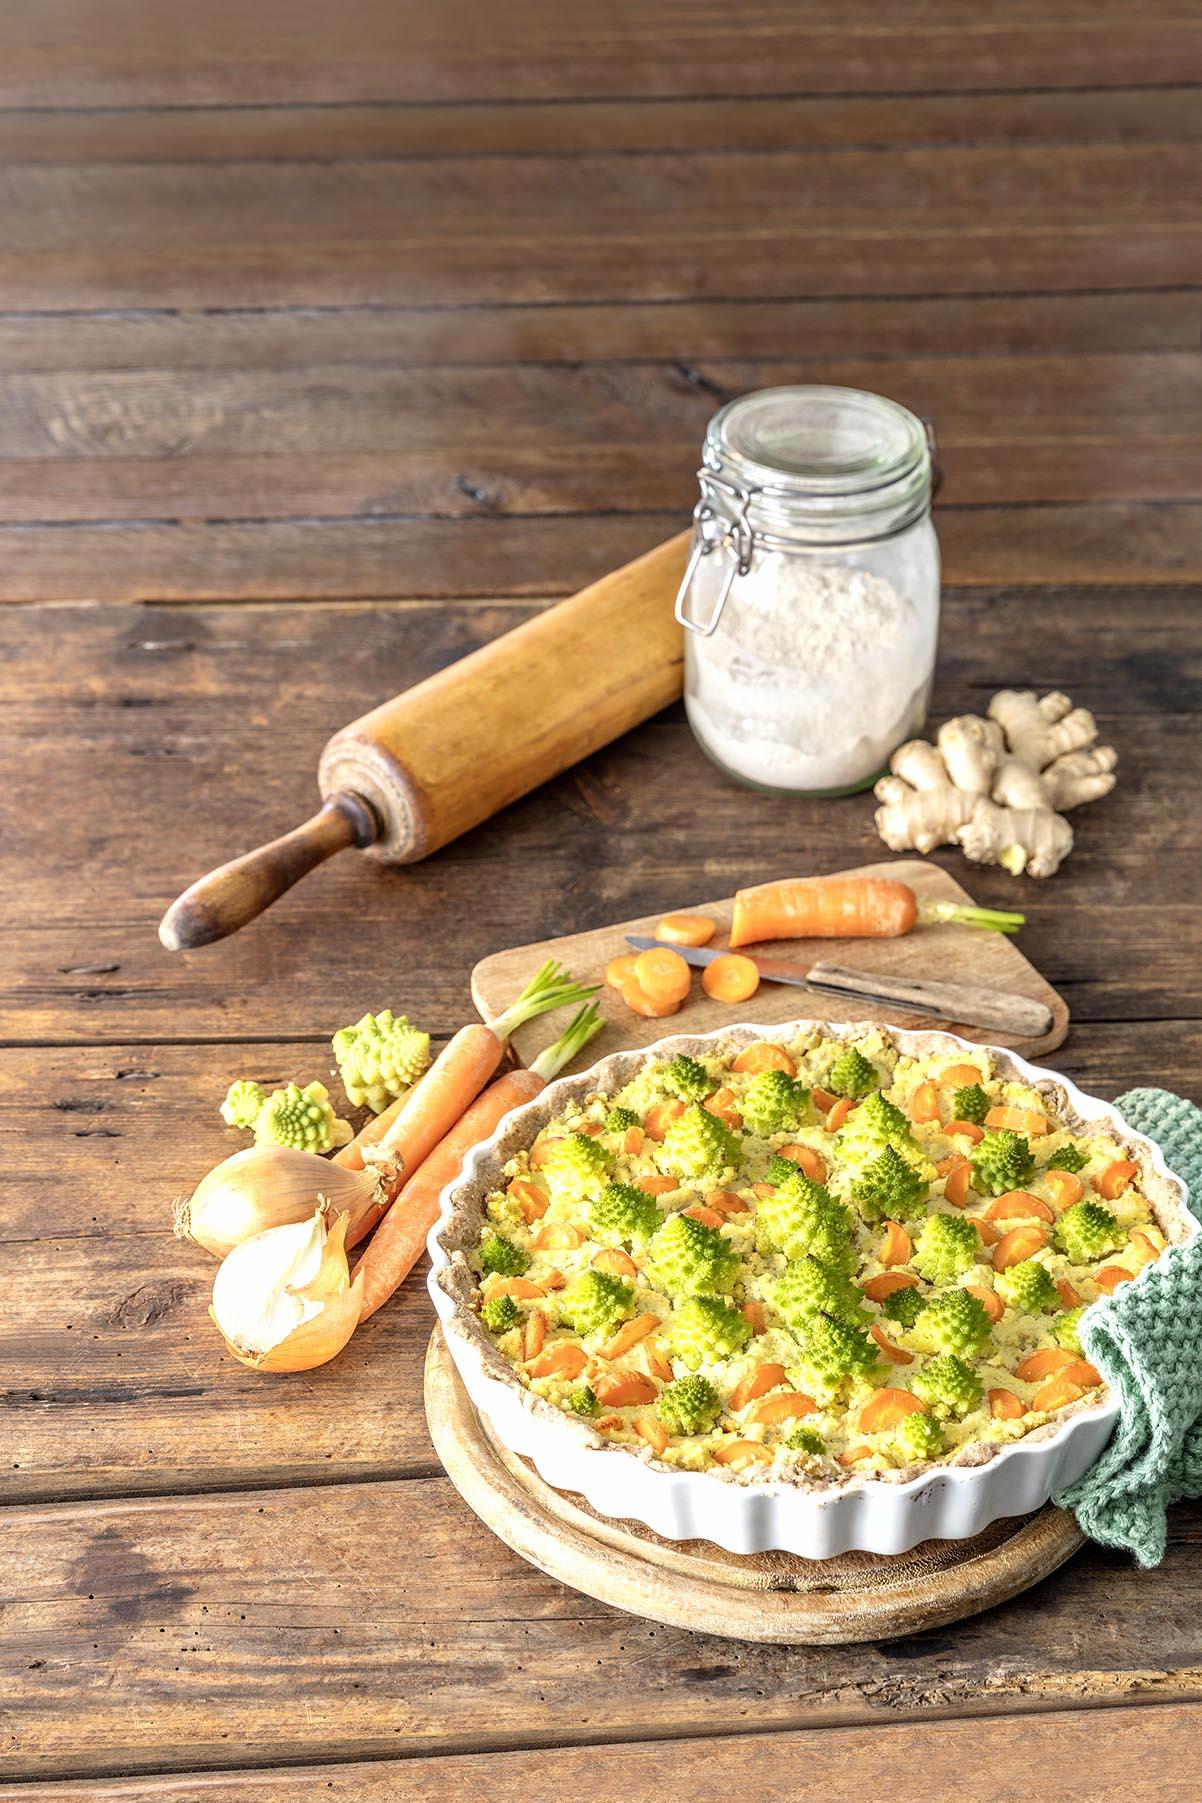 Spezialmehle: Wertvolle Proteine aus Saaten und Nüssen